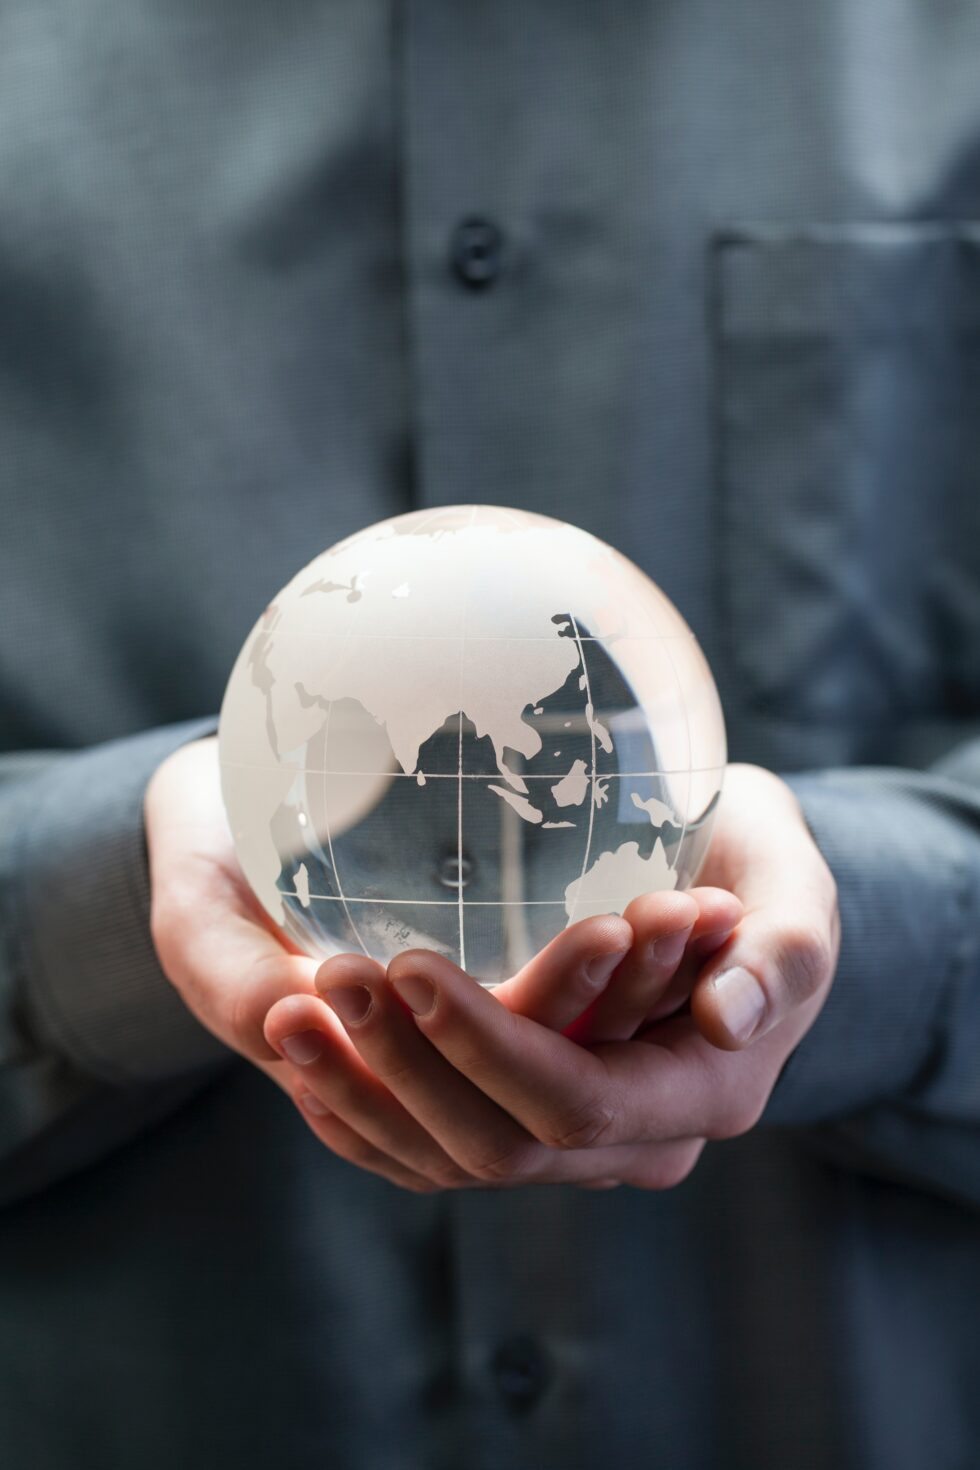 Zahlungsverkehrsdaten - Die neue Hoffnung im Kampf gegen den Klimawandel